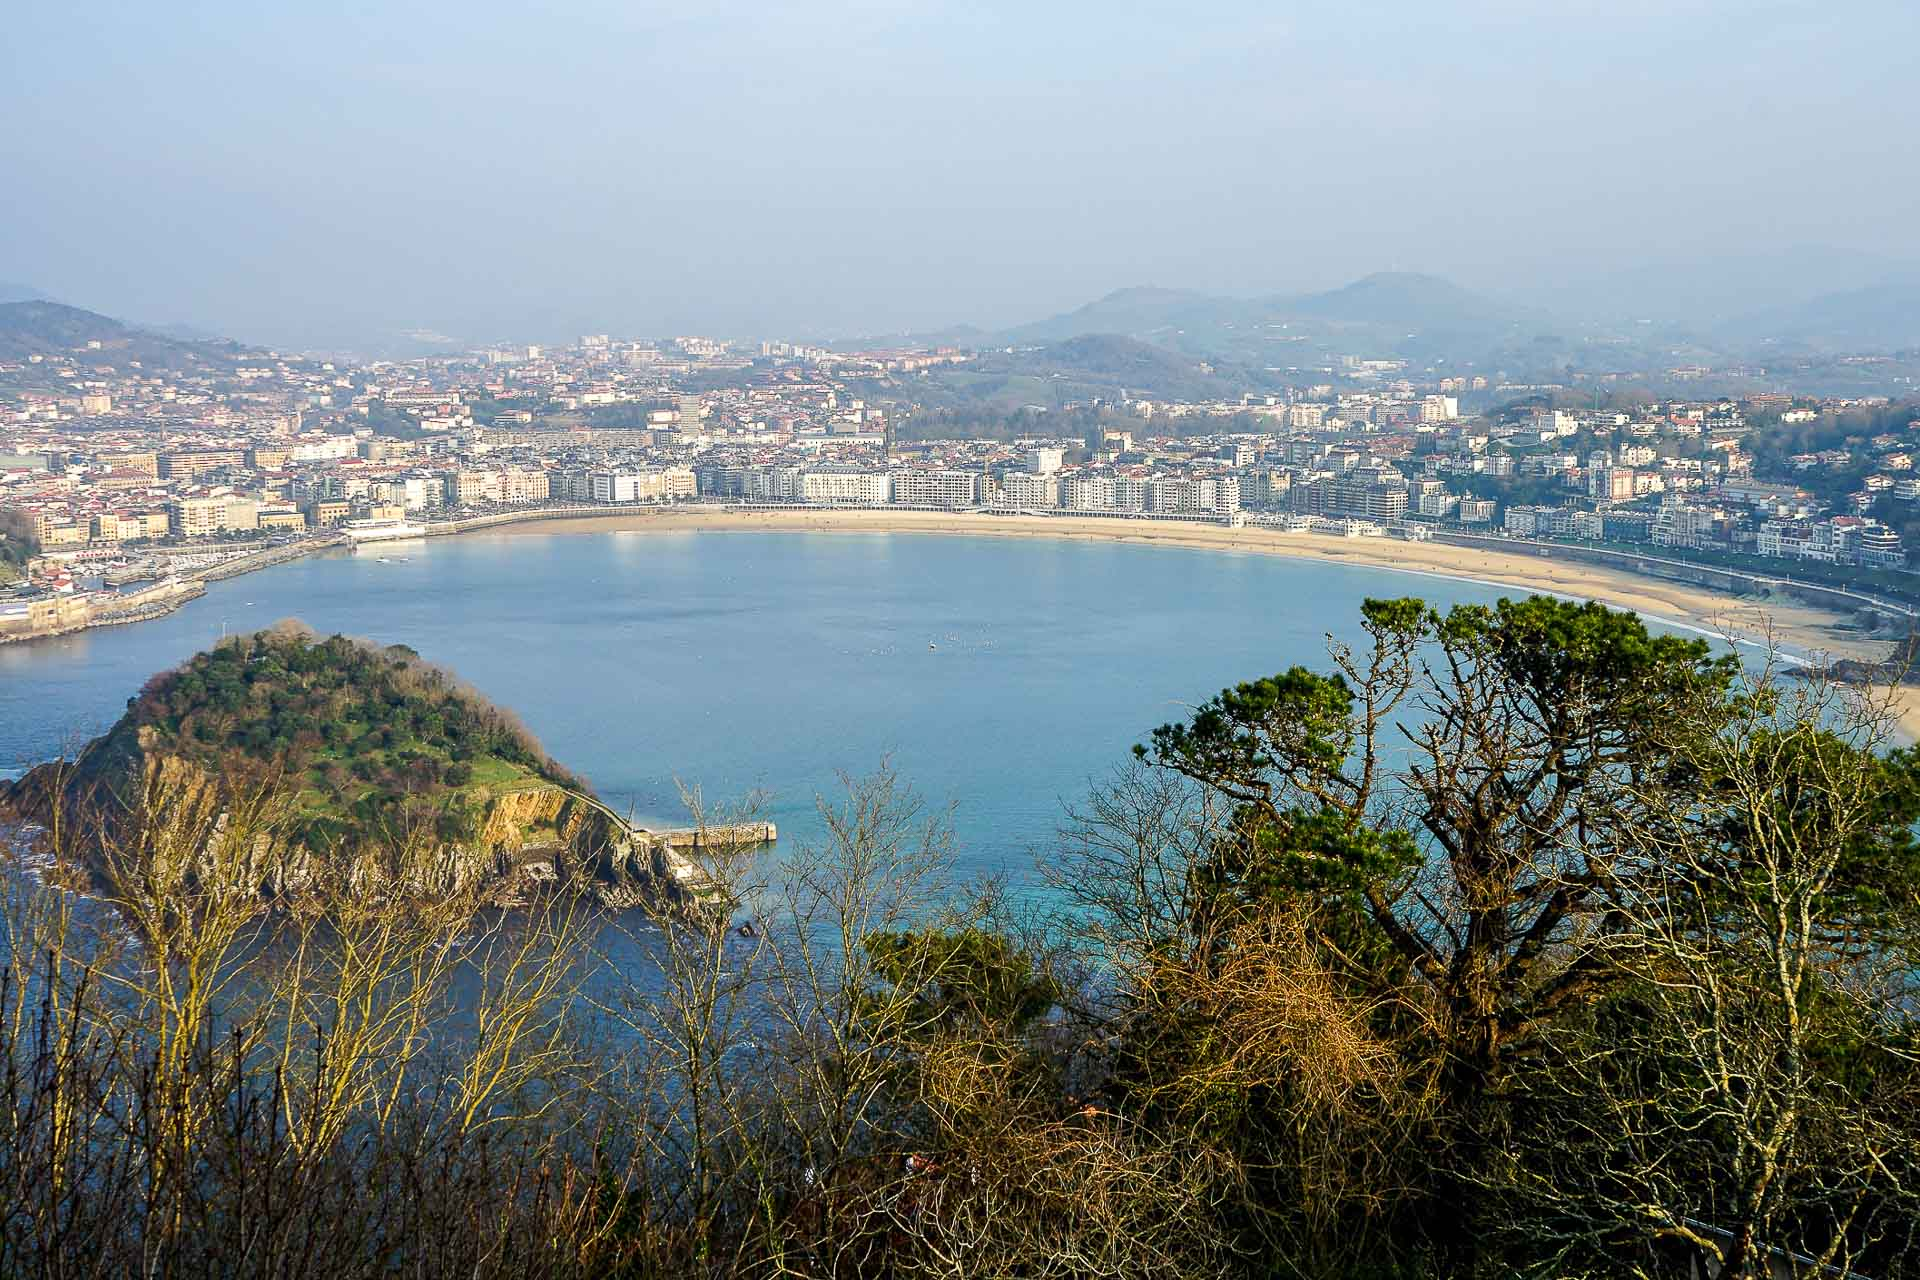 L'une des plus belles baies du monde, des plages spectaculaires, les meilleurs bars à pintxos (tapas) du pays, des restaurants mythiques ou une vie culturelle intense, San Sebastián, perle de la côte basque, s'impose sans peine comme l'une des destinations les plus attractives d'Espagne. Découverte